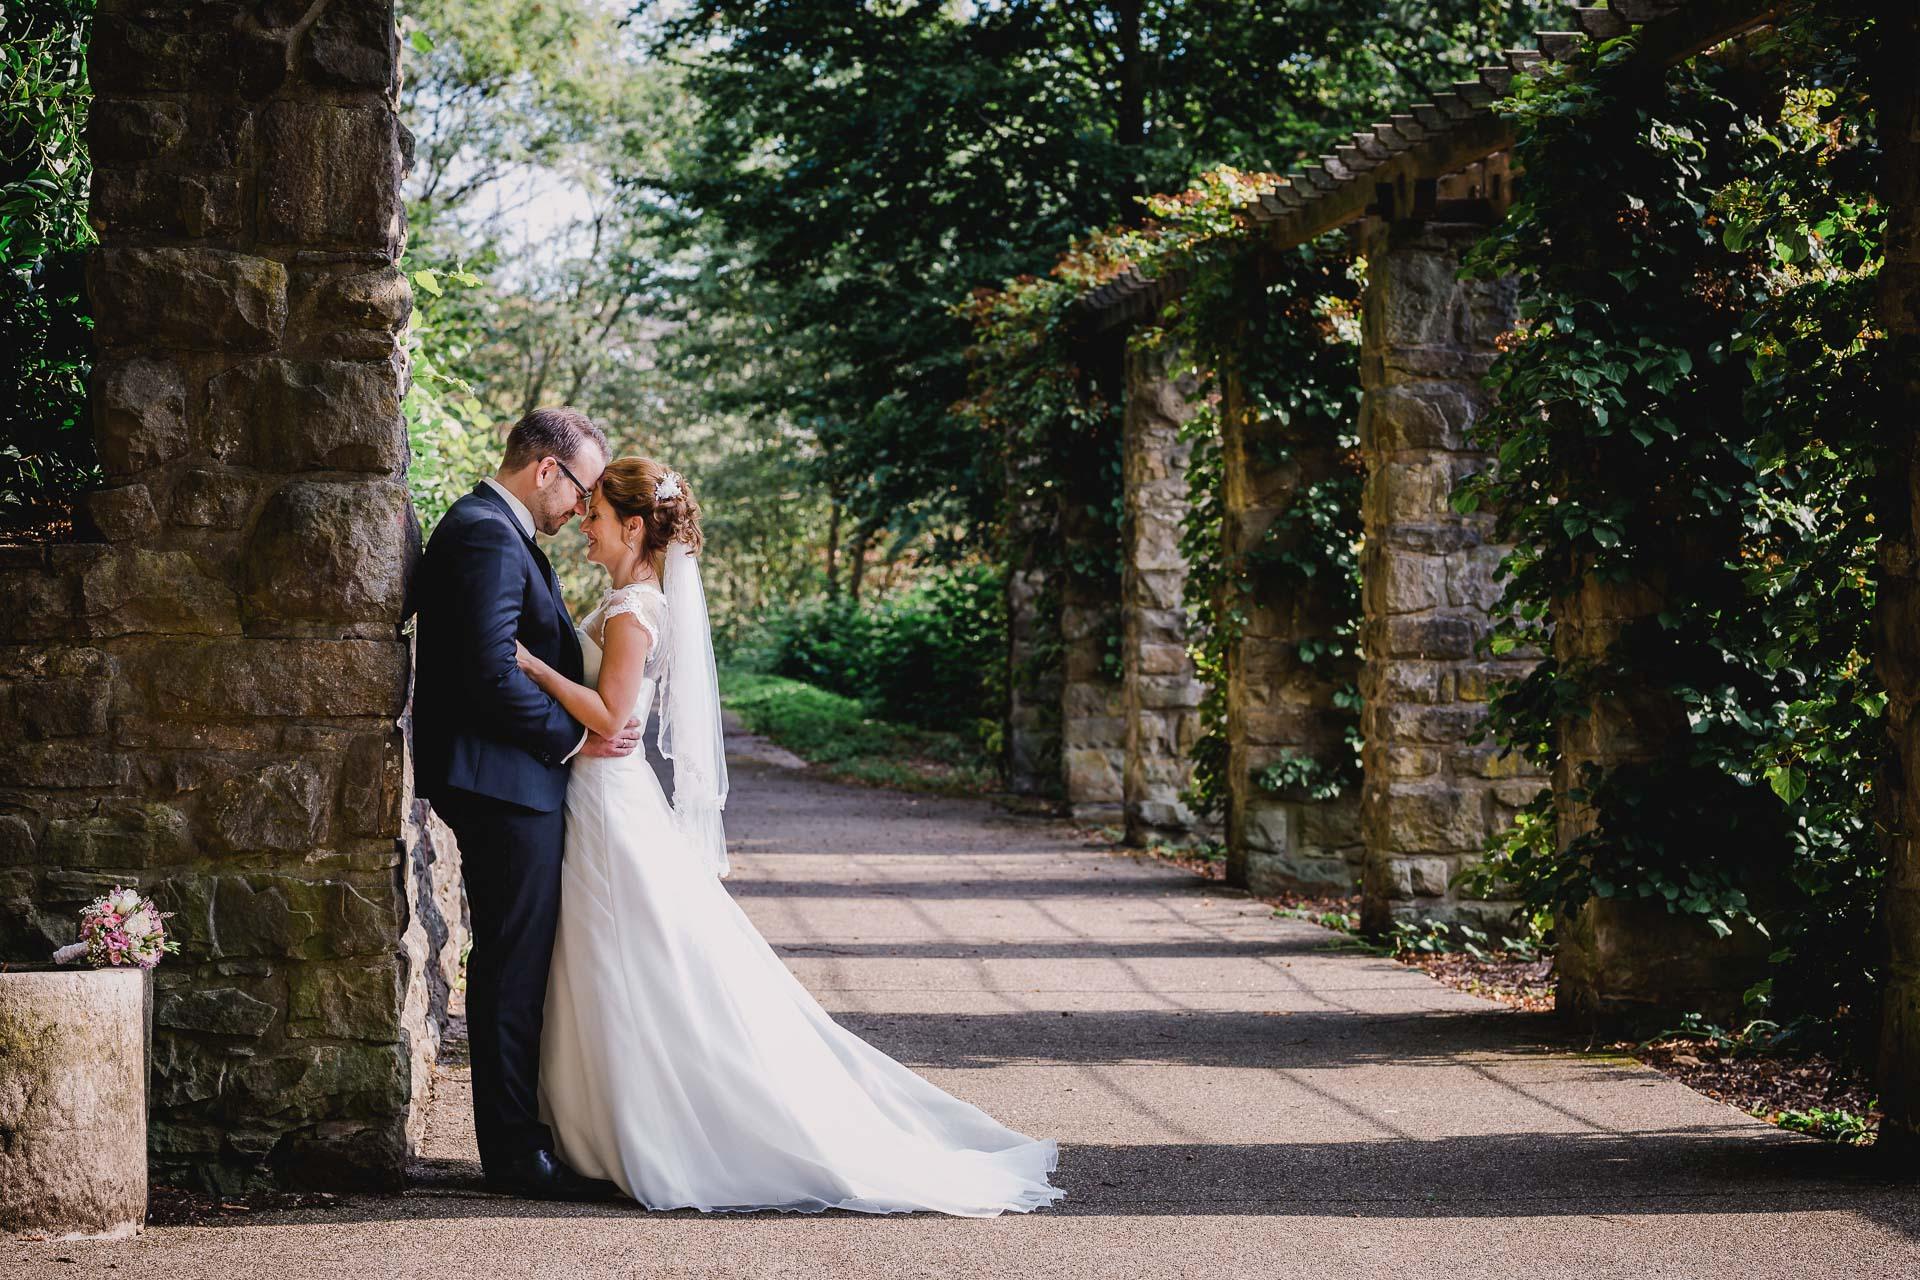 Hochzeitsfotograf Hattingen - Hochzeitsreportage Velbert